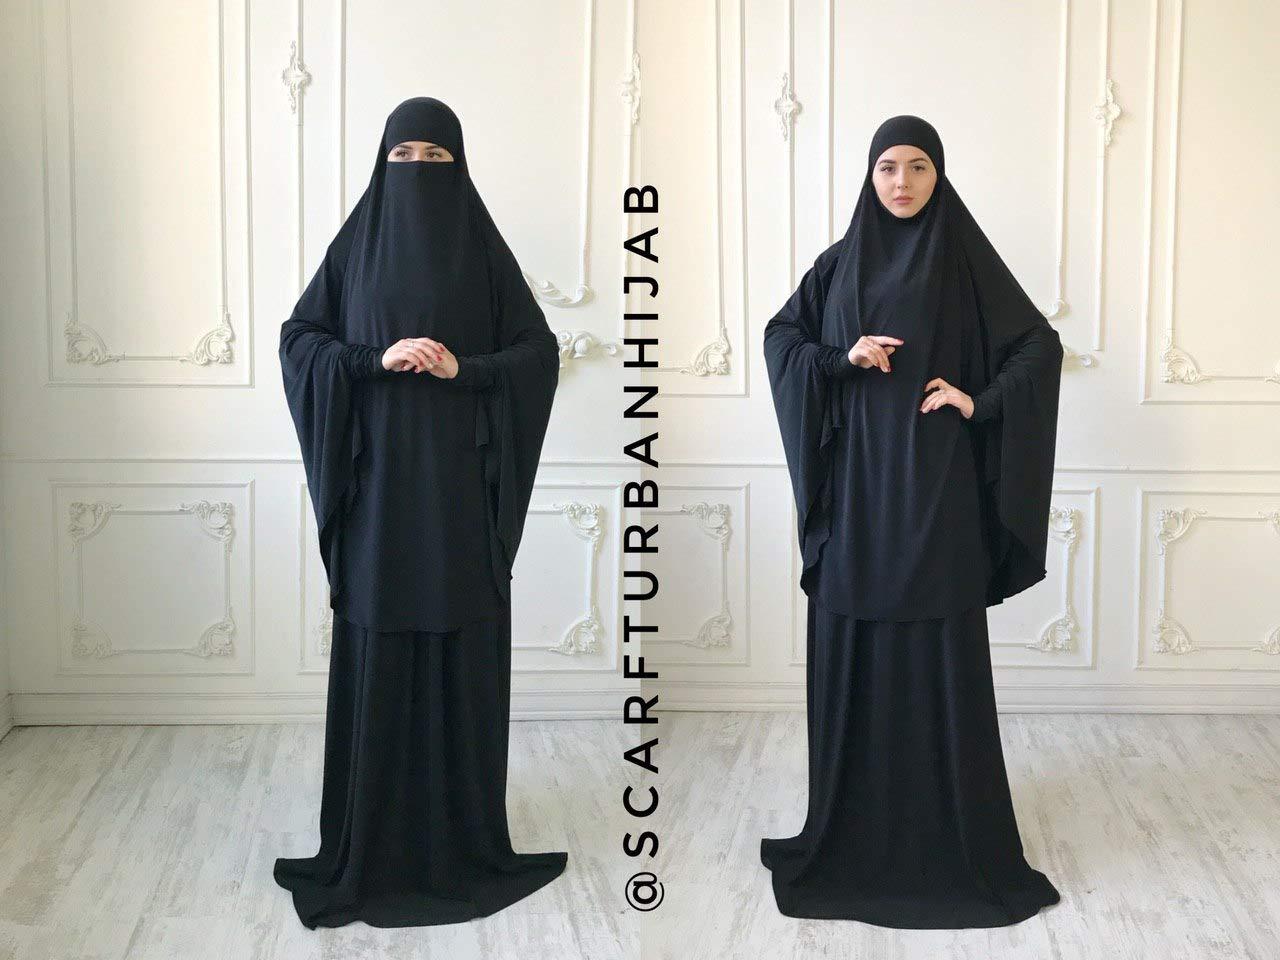 Amazon Com Transformer Black Khimar Niqab Transformer French Jilbab Black Burqa Traditional Hijab Ready To Wear Hijab Long Hijab Muslim Dress Handmade